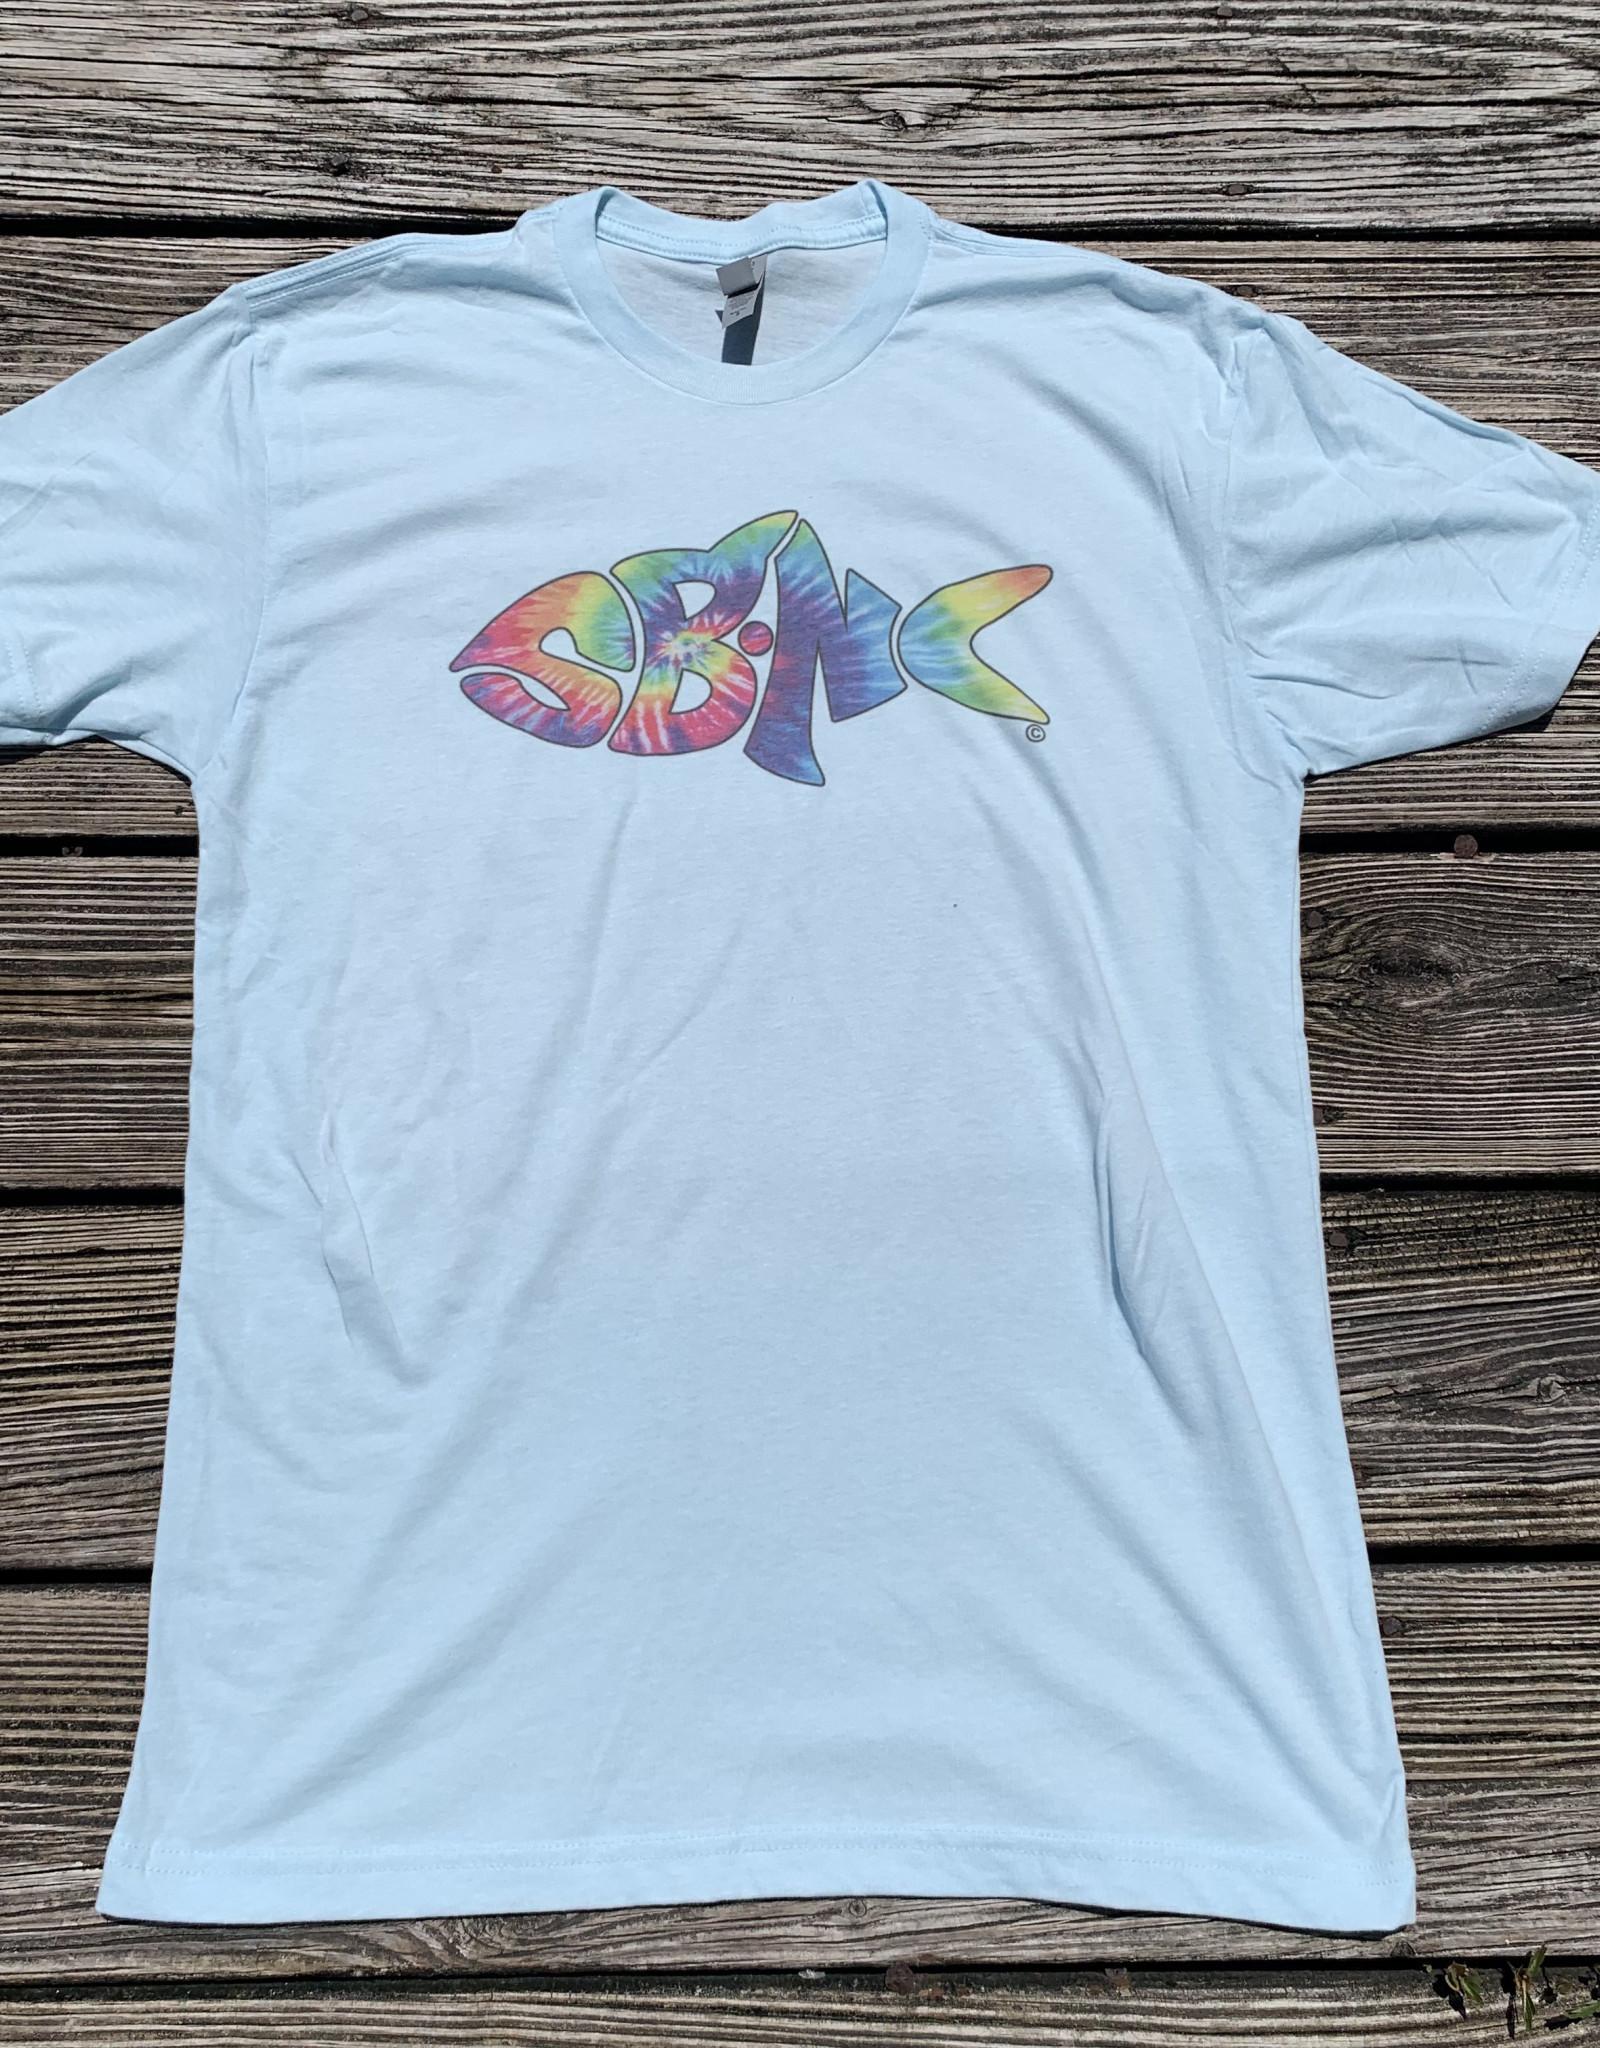 sbncfish SBNC FISH TIEDYE SUBLIMATION TEE